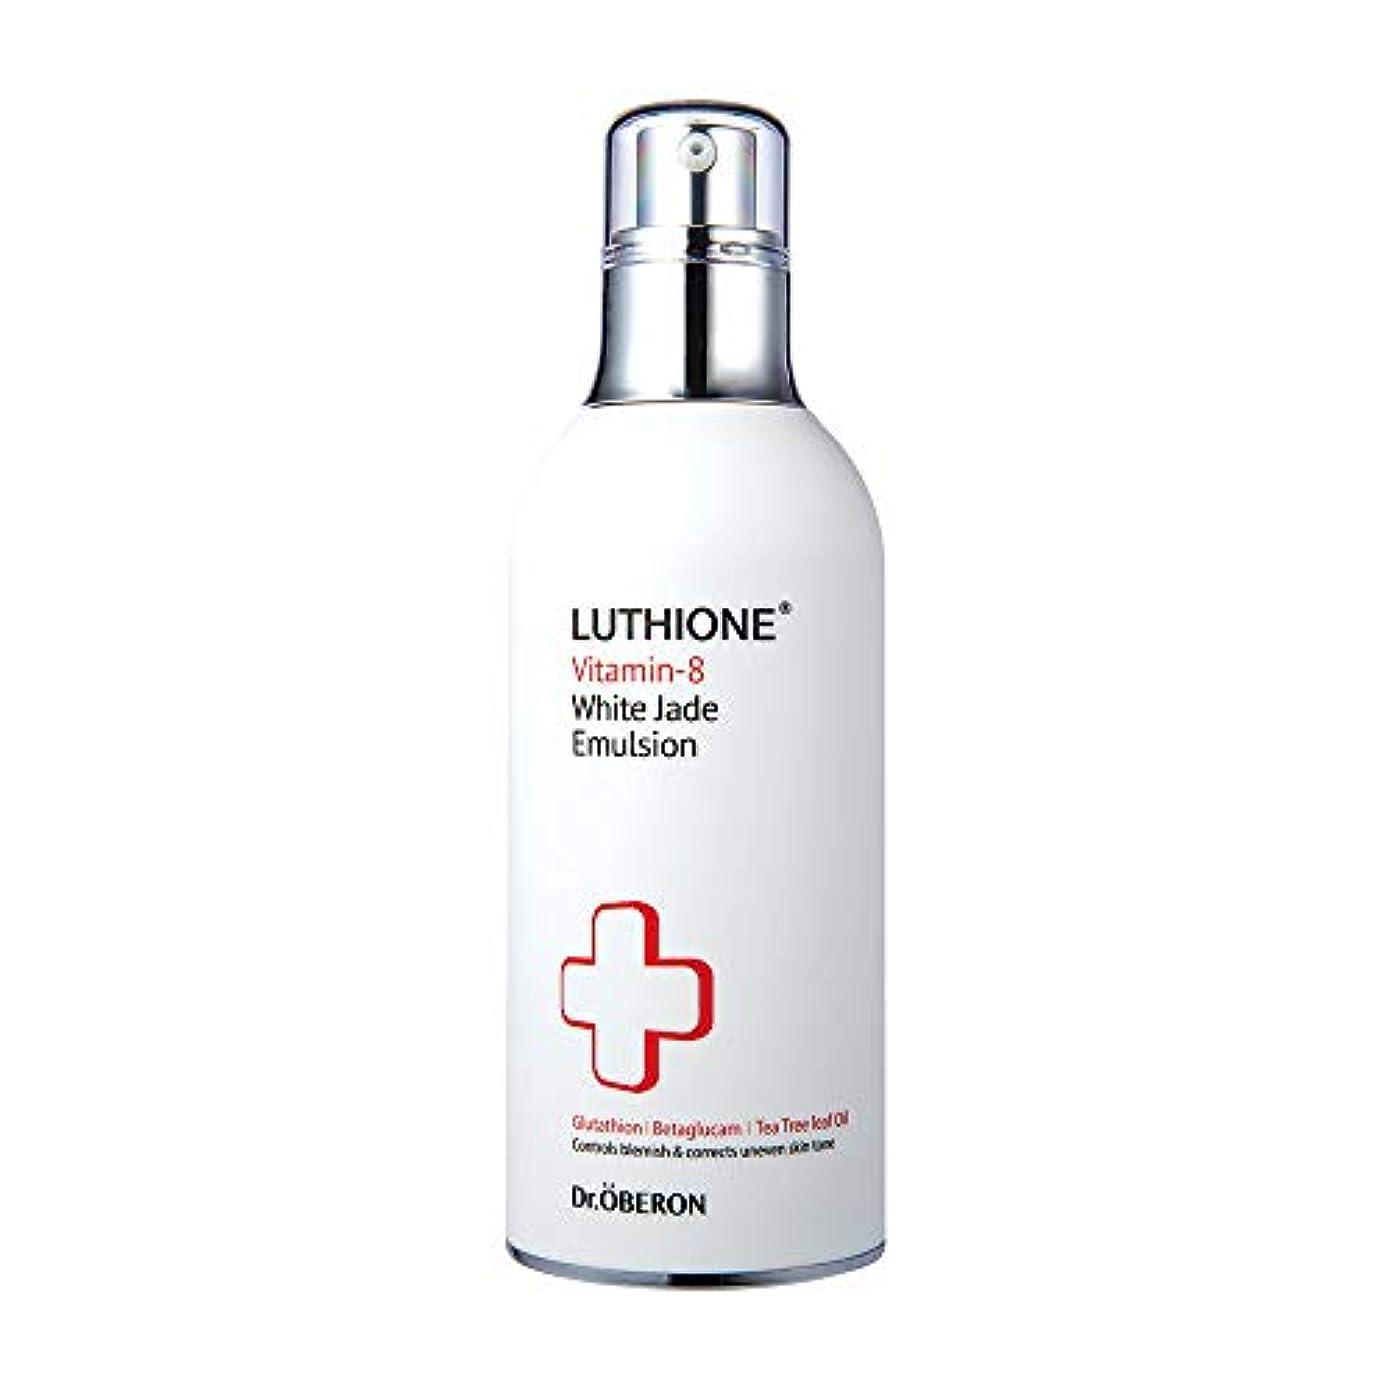 興奮と組む知り合いになる[Luthione] ルチオン ビタミン-8 白玉 エマルジョン 3.5 oz Vitamin-8 White Jade Emulsion 3.5 oz - Hydrating Moisturizer Lightening...